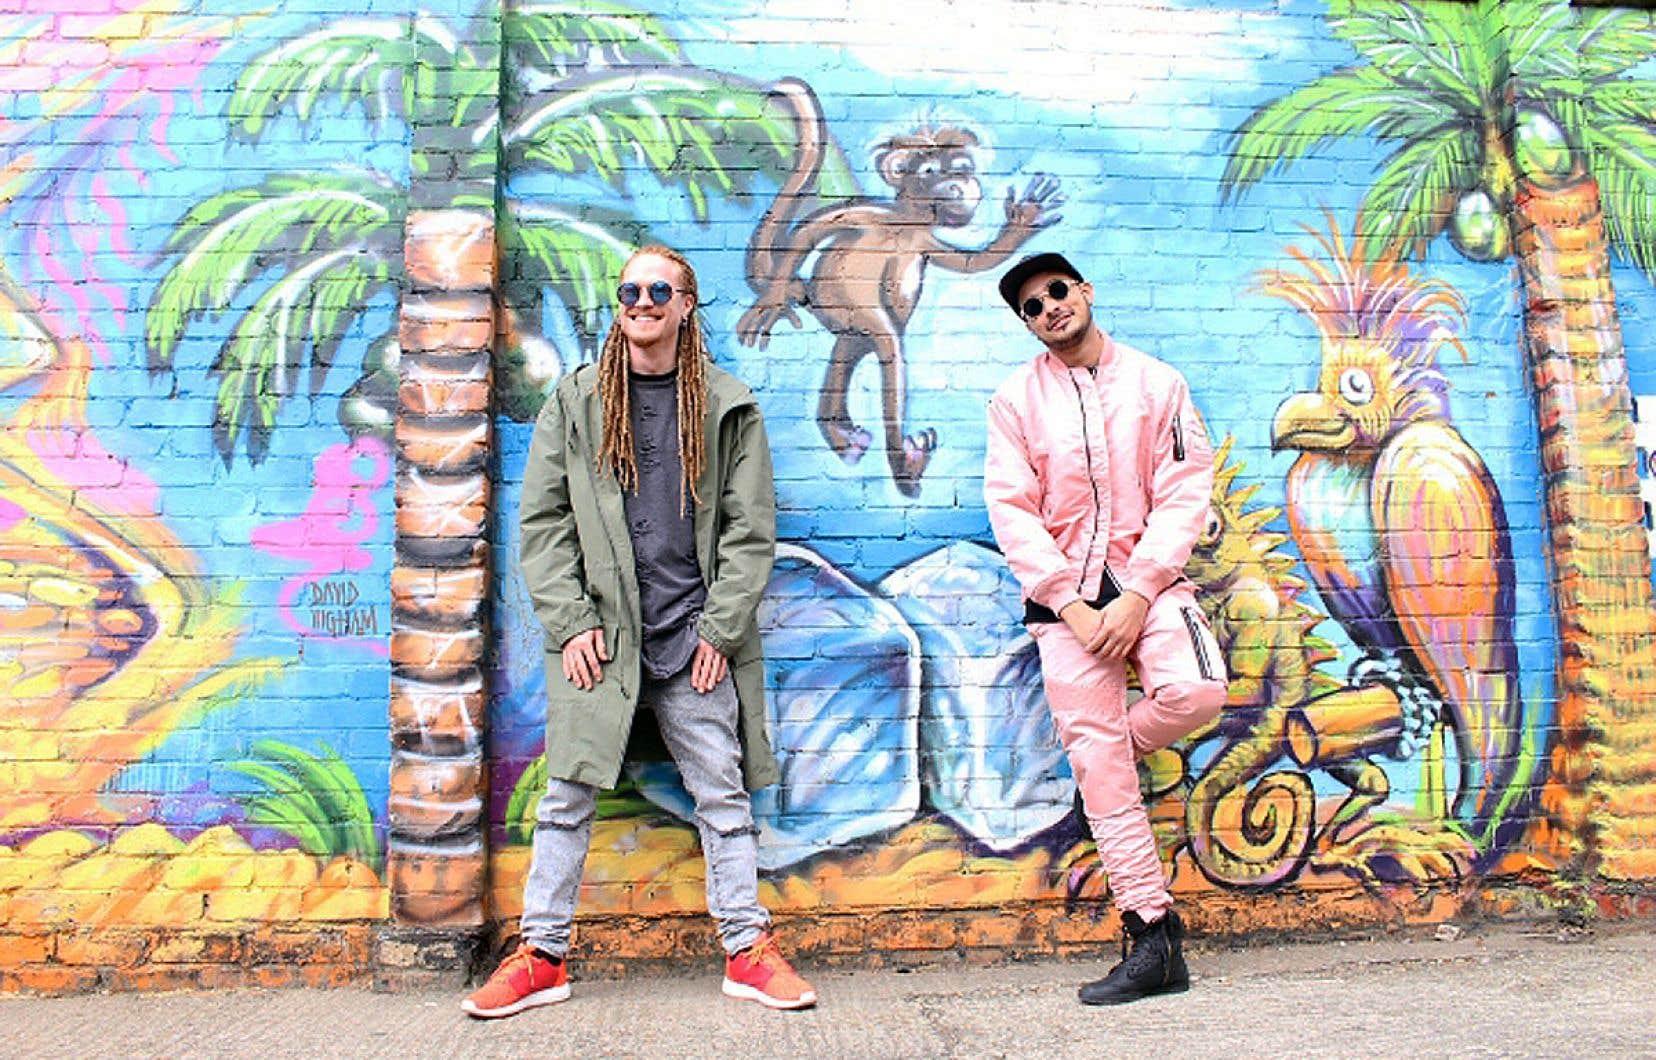 Soké et KNY définissent leur projet comme «une fusion entre les musiques électroniques et les influences caribéennes».